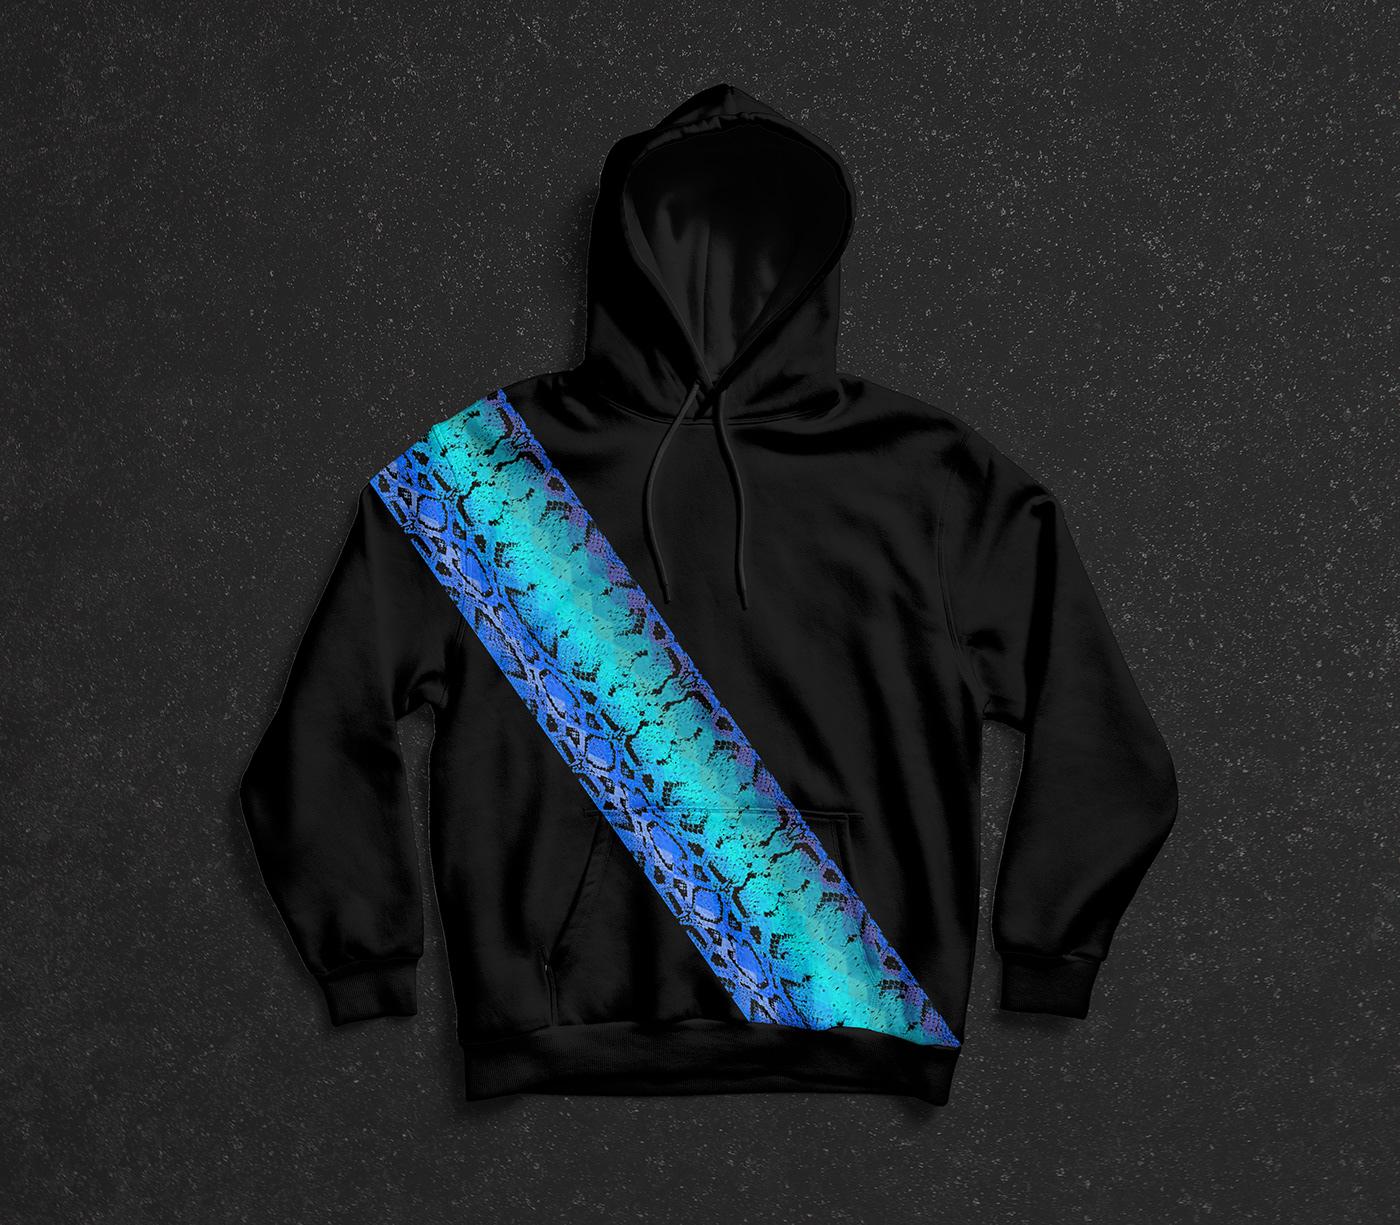 Image may contain: jacket